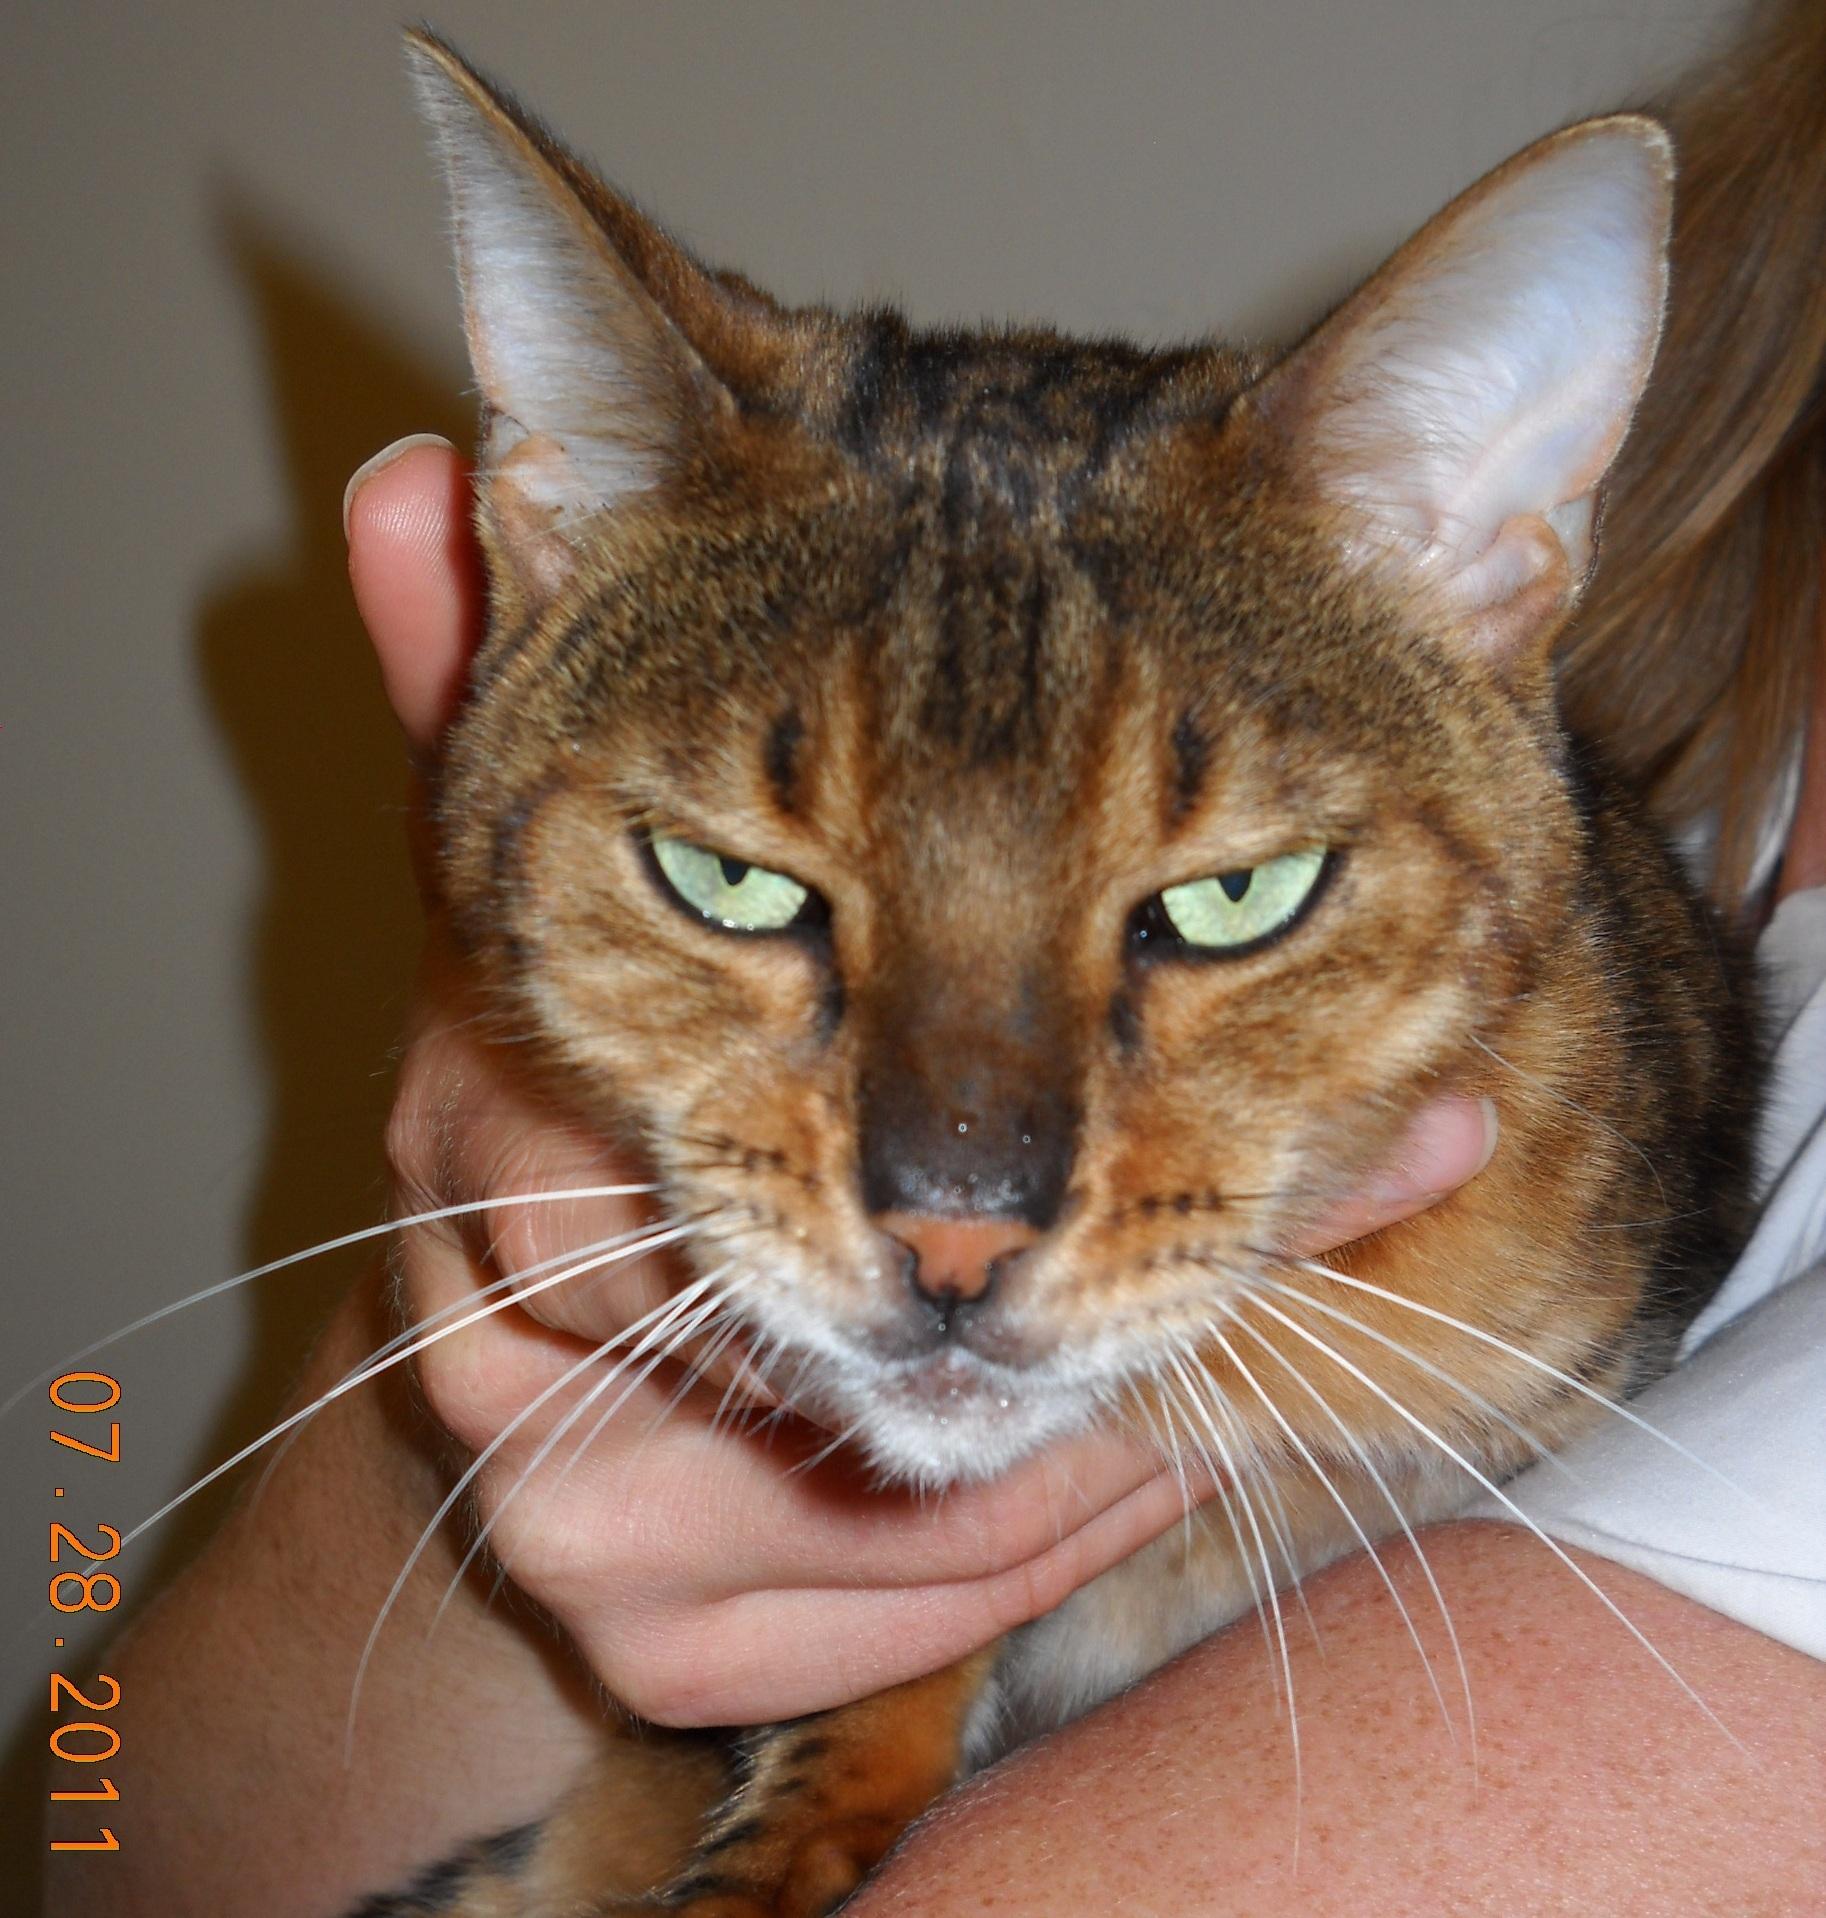 frankie muniz cat